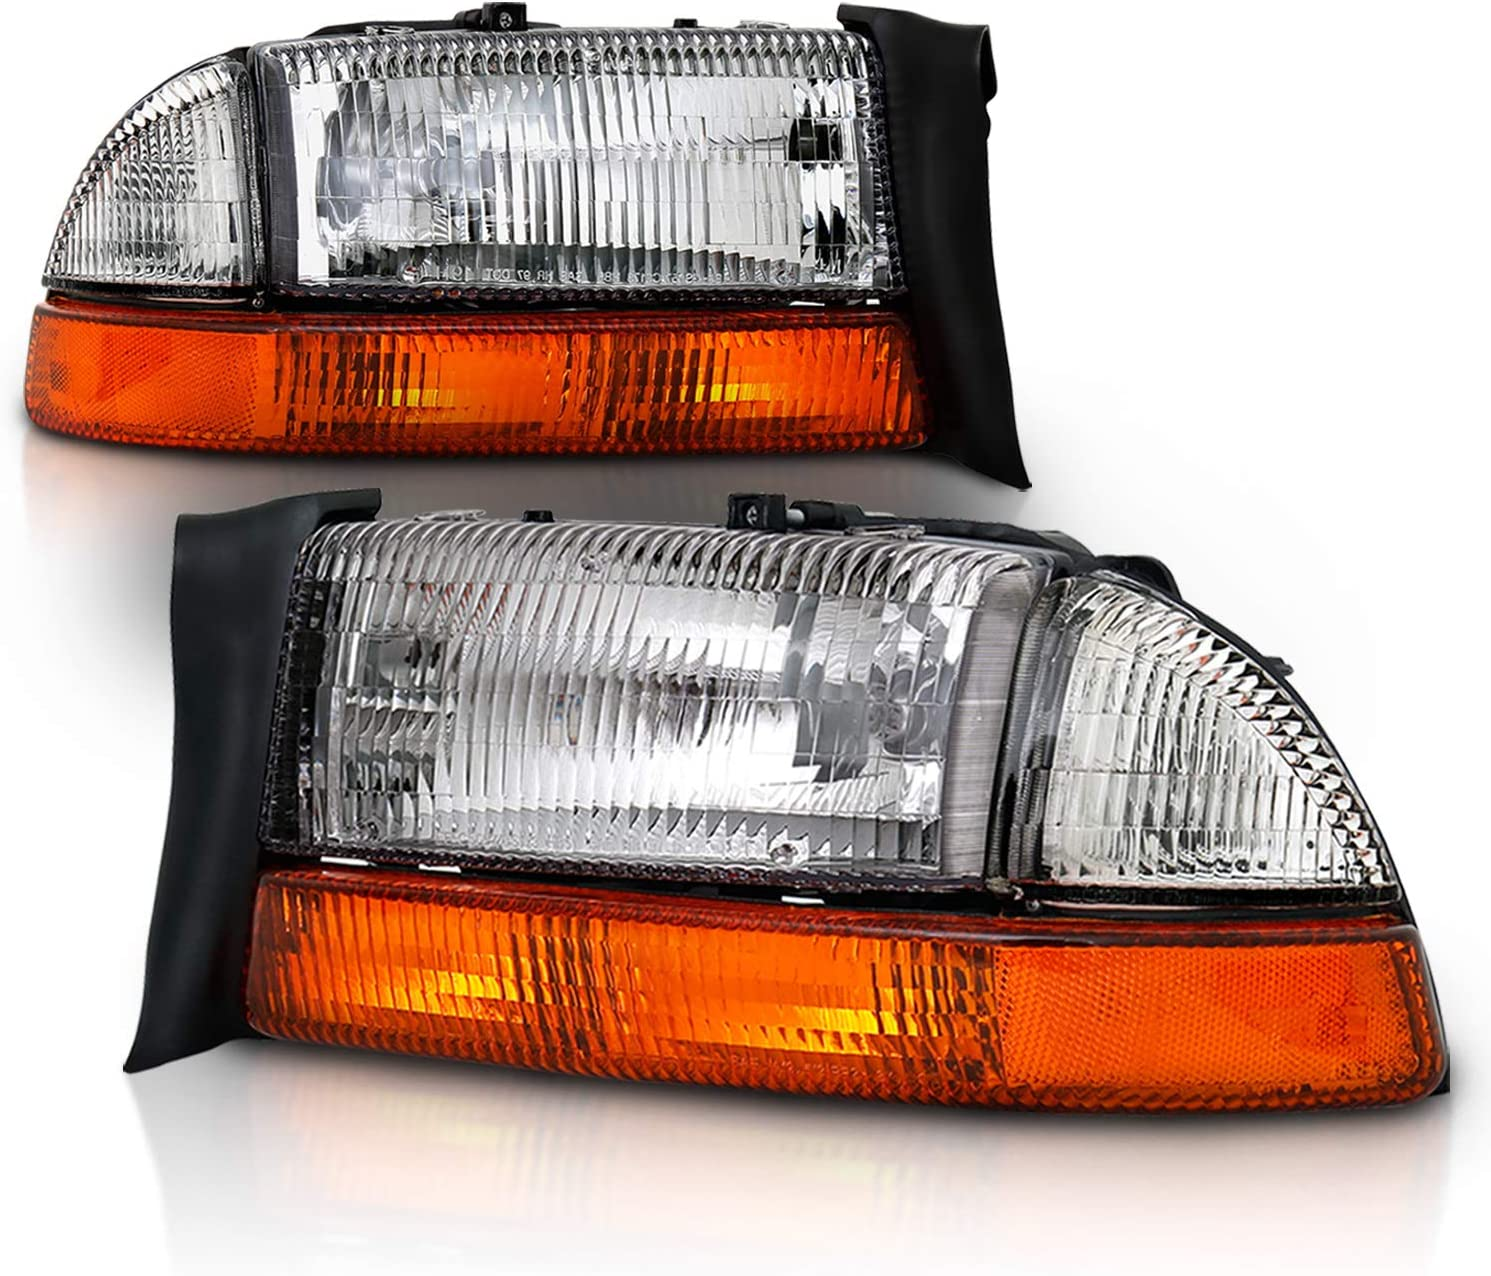 AmeriLite Corner Side Marker Light Clear Amber Pair for Dodge Dakota Passenger and Driver Side